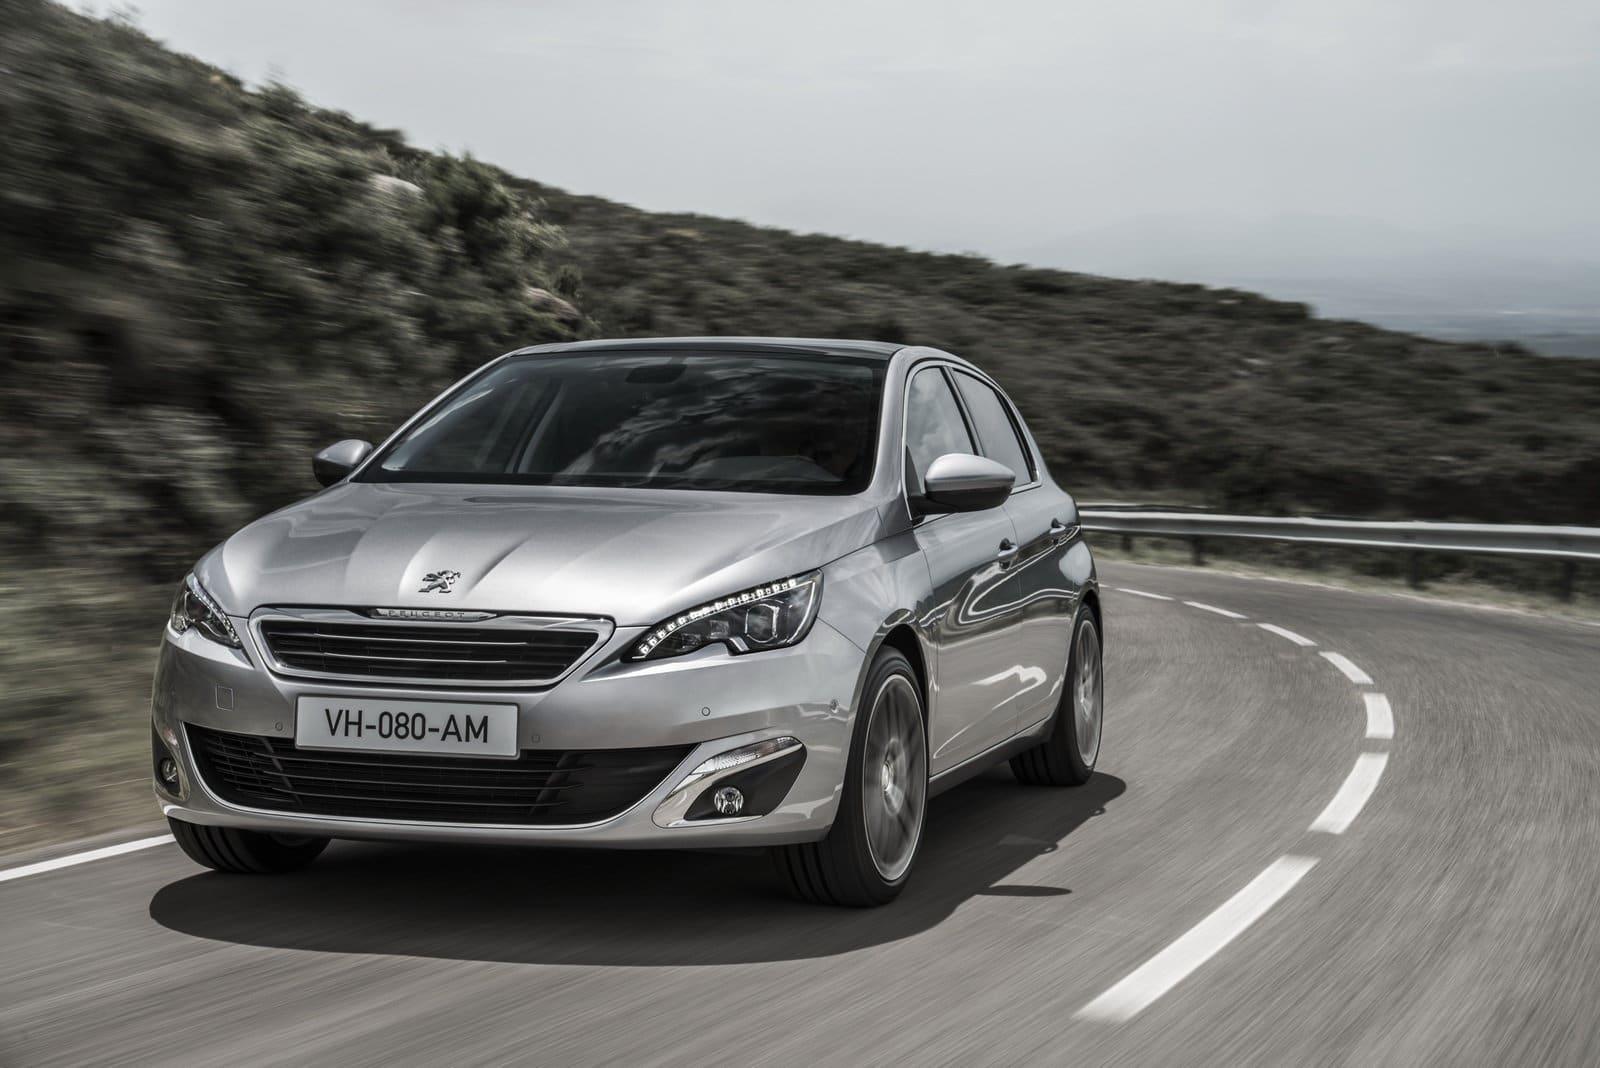 Nouvelle Peugeot 308 : venez l'essayer !